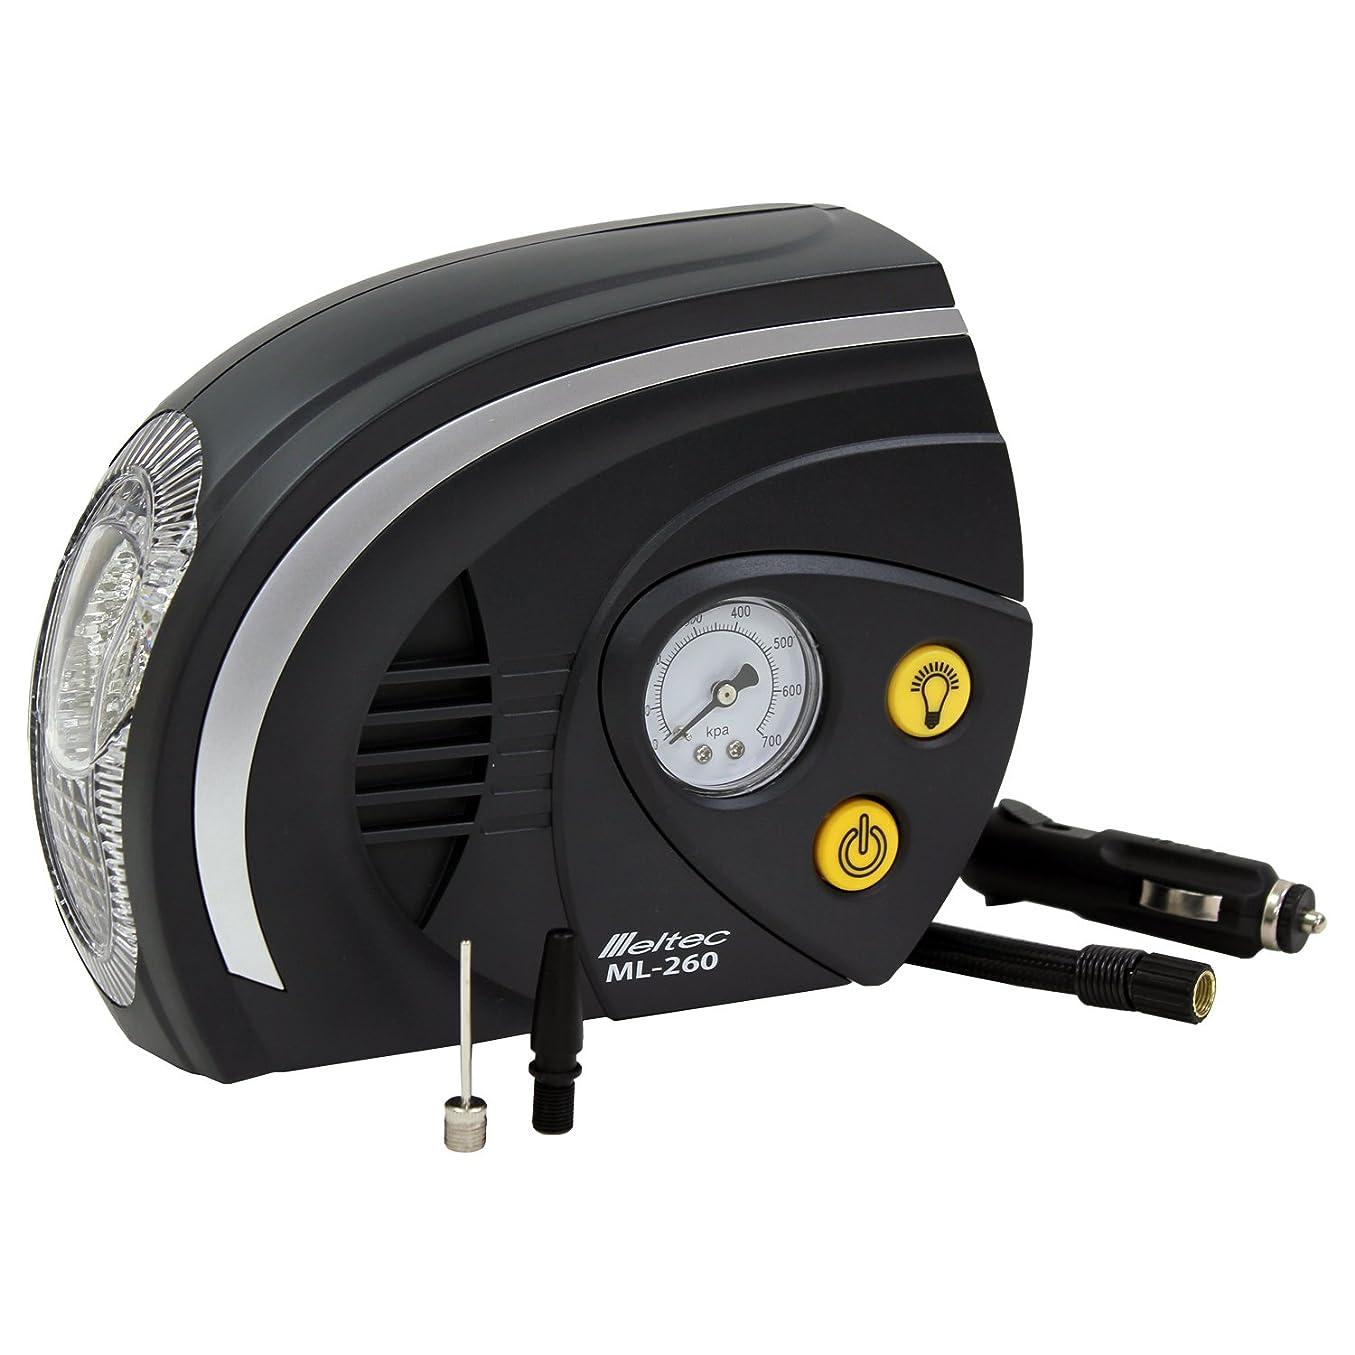 清める作成するジョセフバンクスメルテック エアーコンプレッサー(自動車/バイク/ボール) 最高圧力:700kPa DC12V(ソケット) LEDライト付き Meltec ML-260